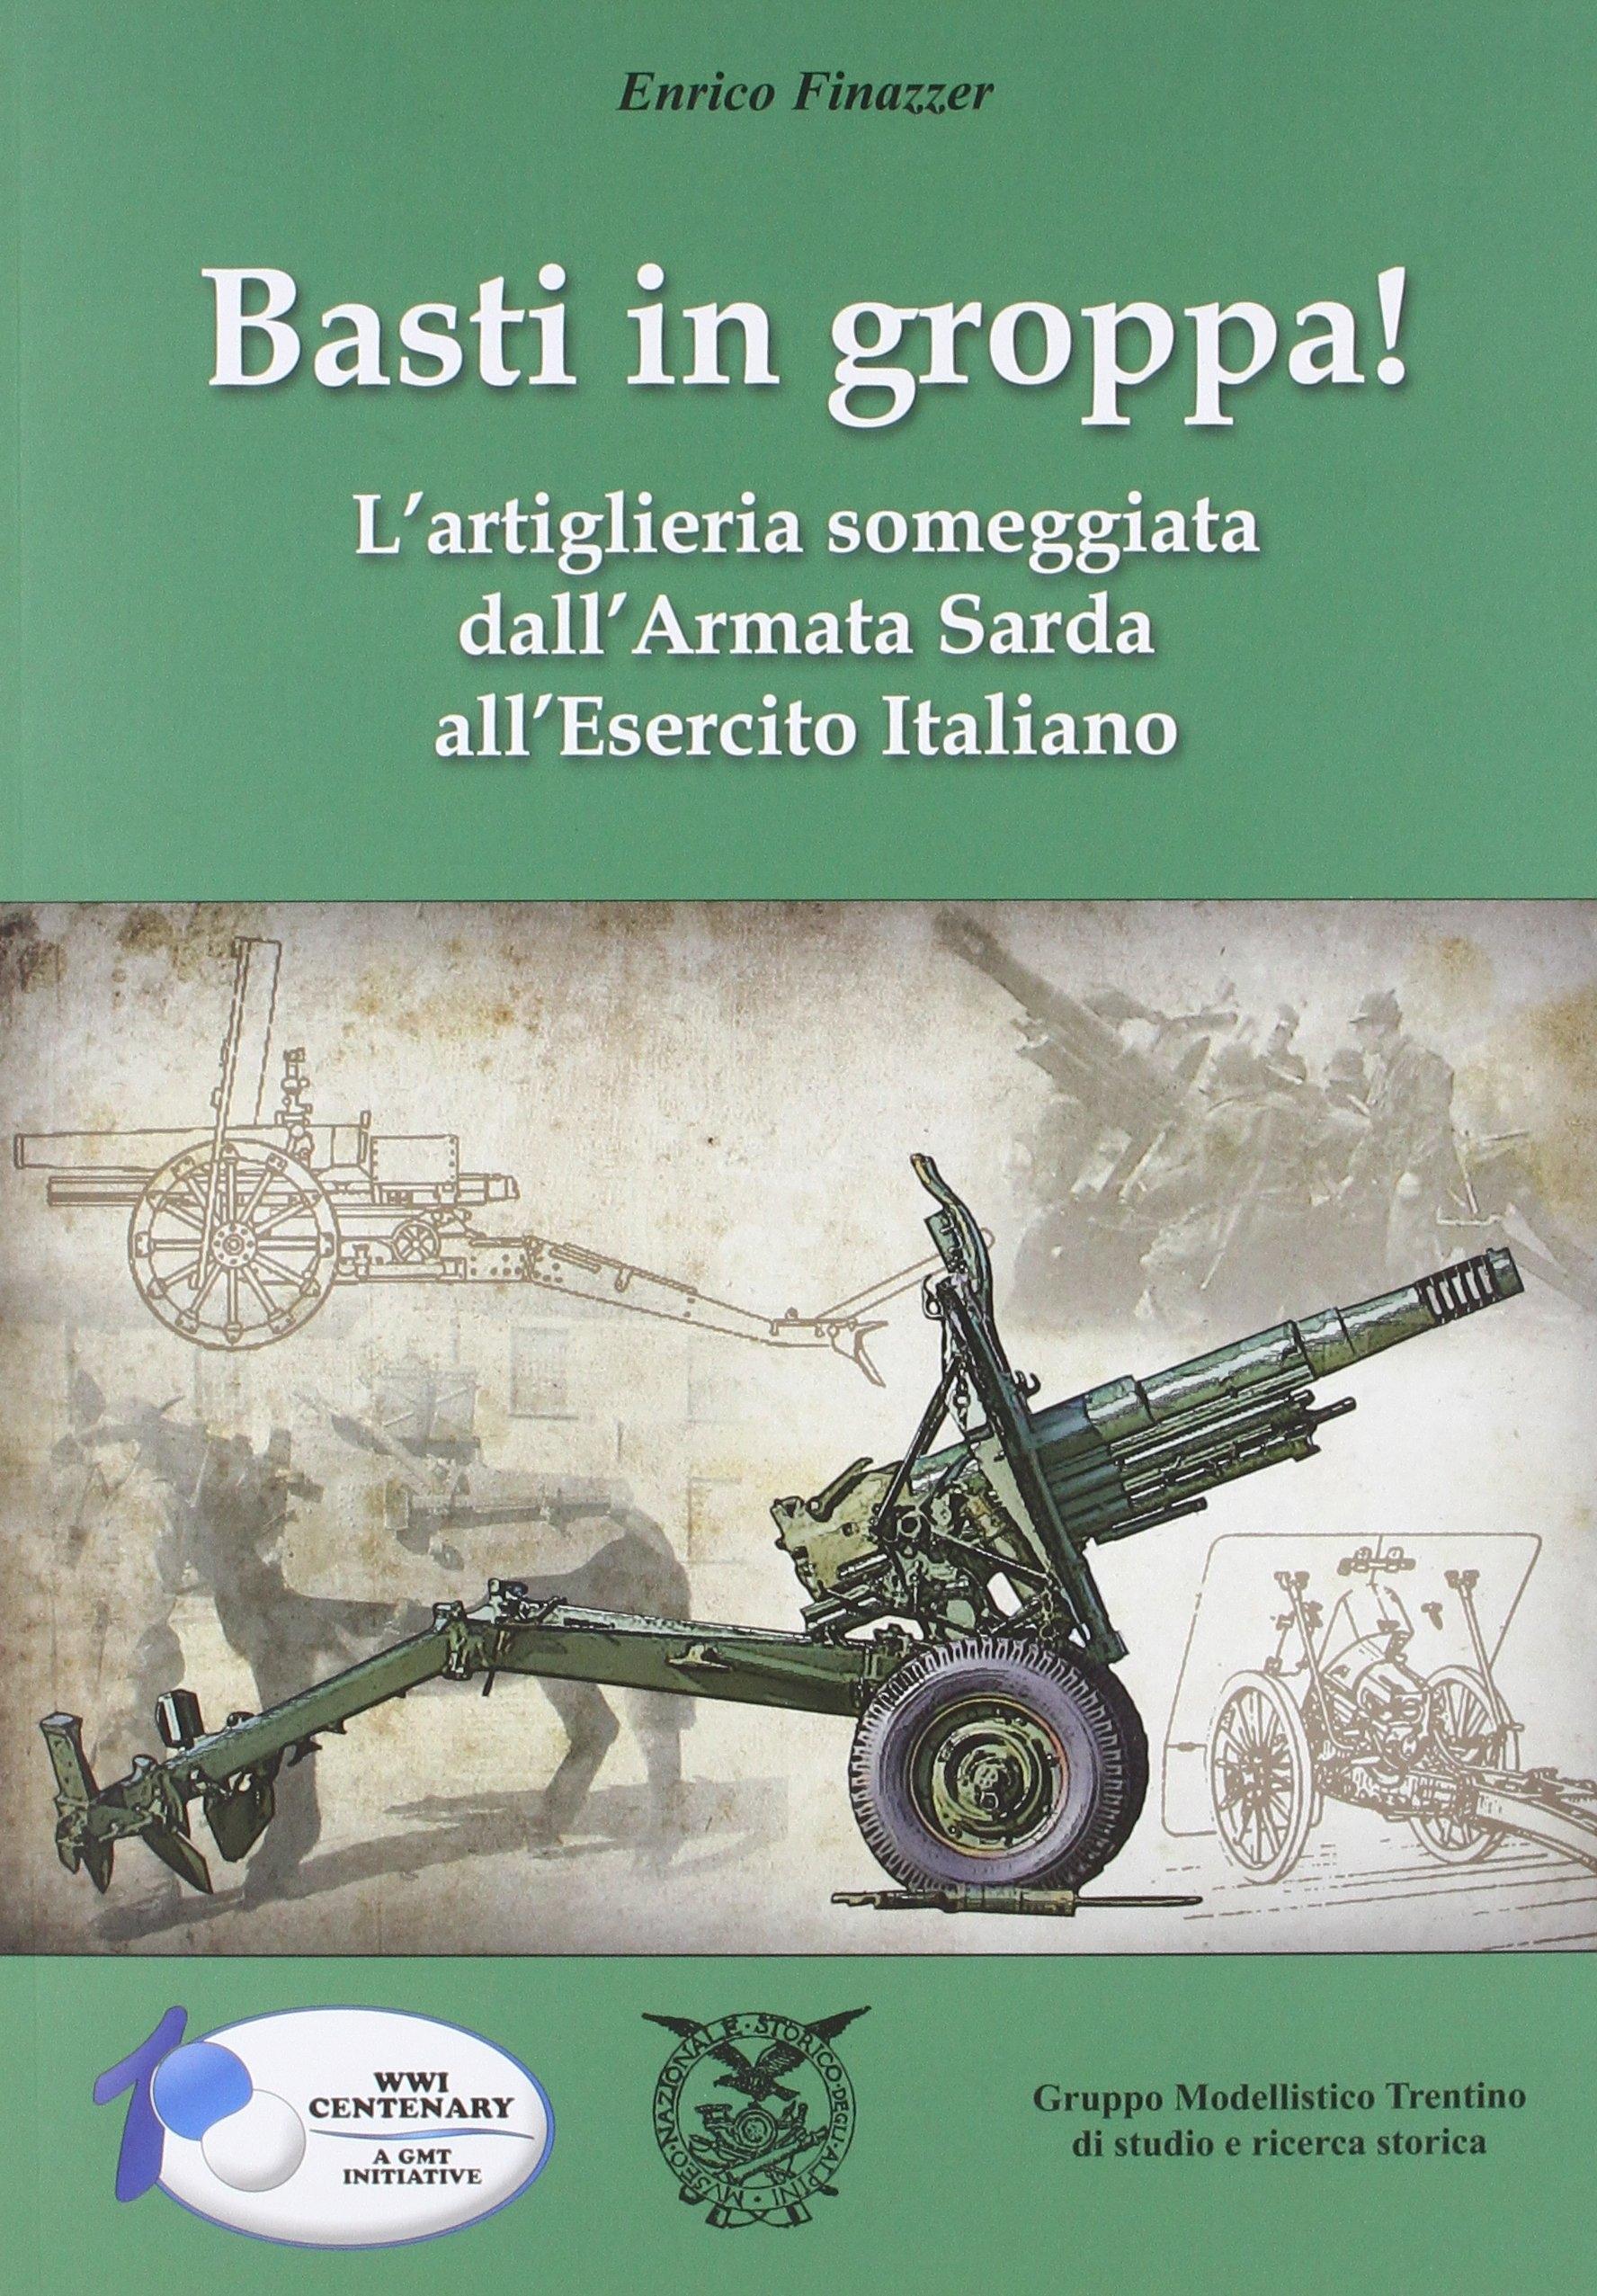 Basti in groppa! L'artiglieria someggiata dall'Armata Sarda all'Esercito Italiano